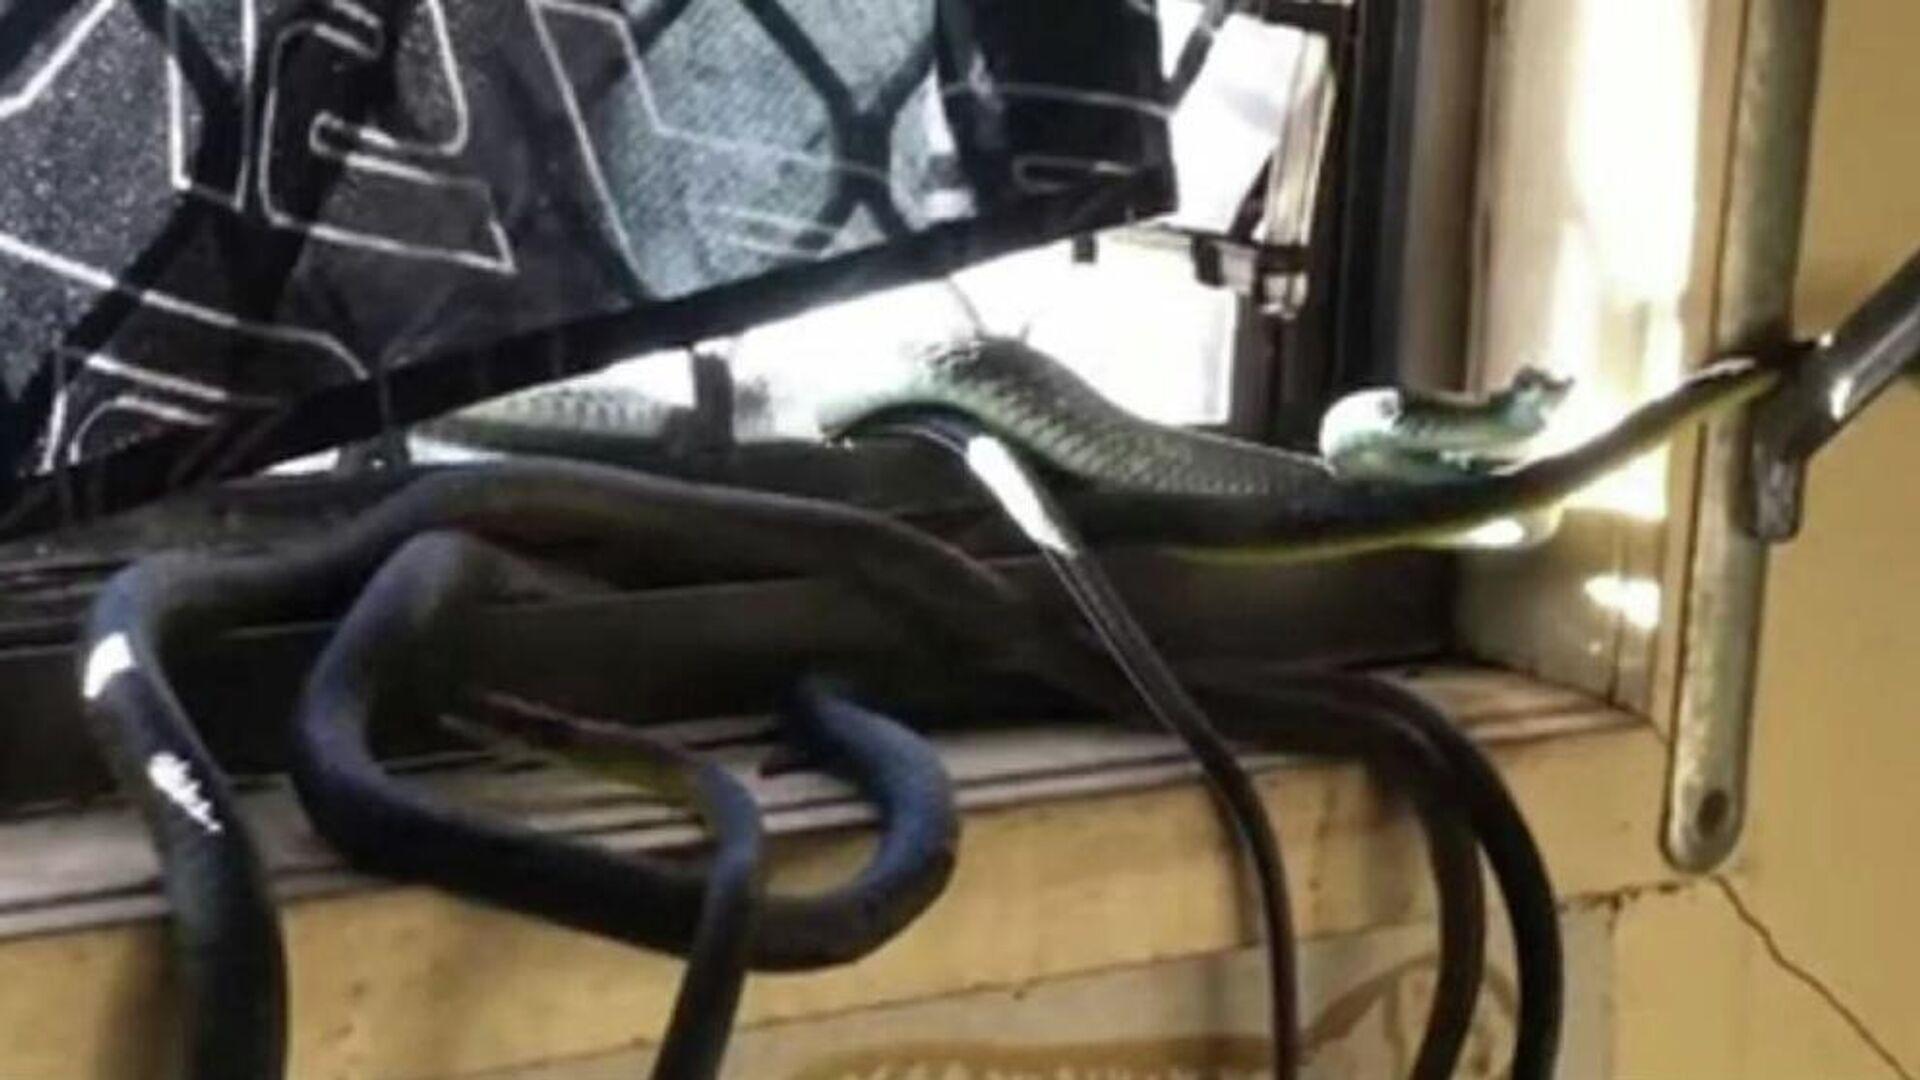 Φίδια του είδους (Opheodrys vernalis)  κάνουν σεξ σε παράθυρο σπιτιού στην Αυστραλία - Sputnik Ελλάδα, 1920, 19.09.2021